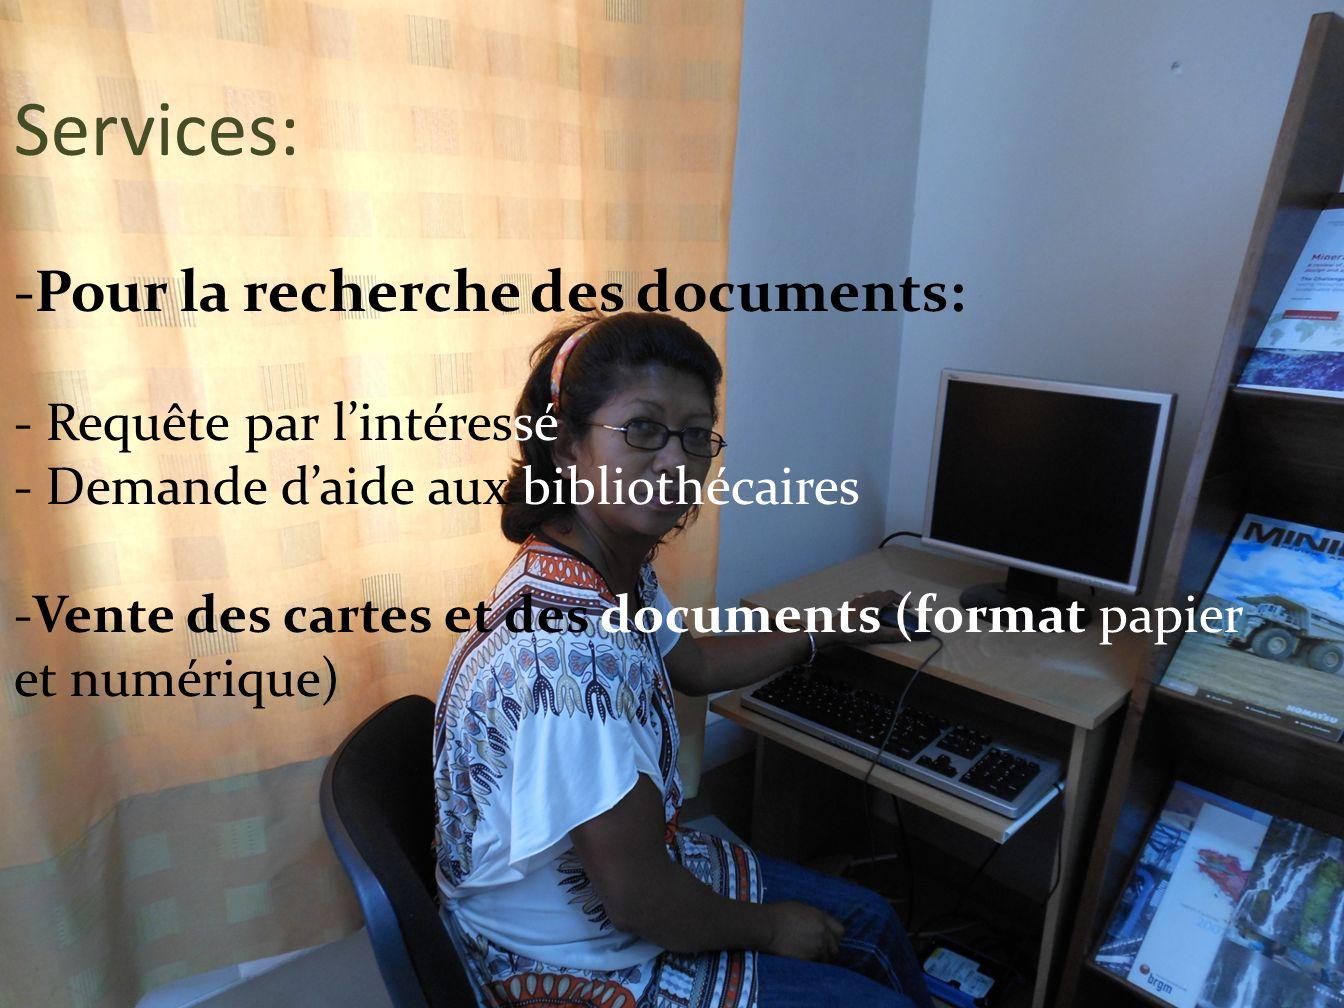 Services: Pour la recherche des documents: - Requête par l'intéressé - Demande d'aide aux bibliothécaires.